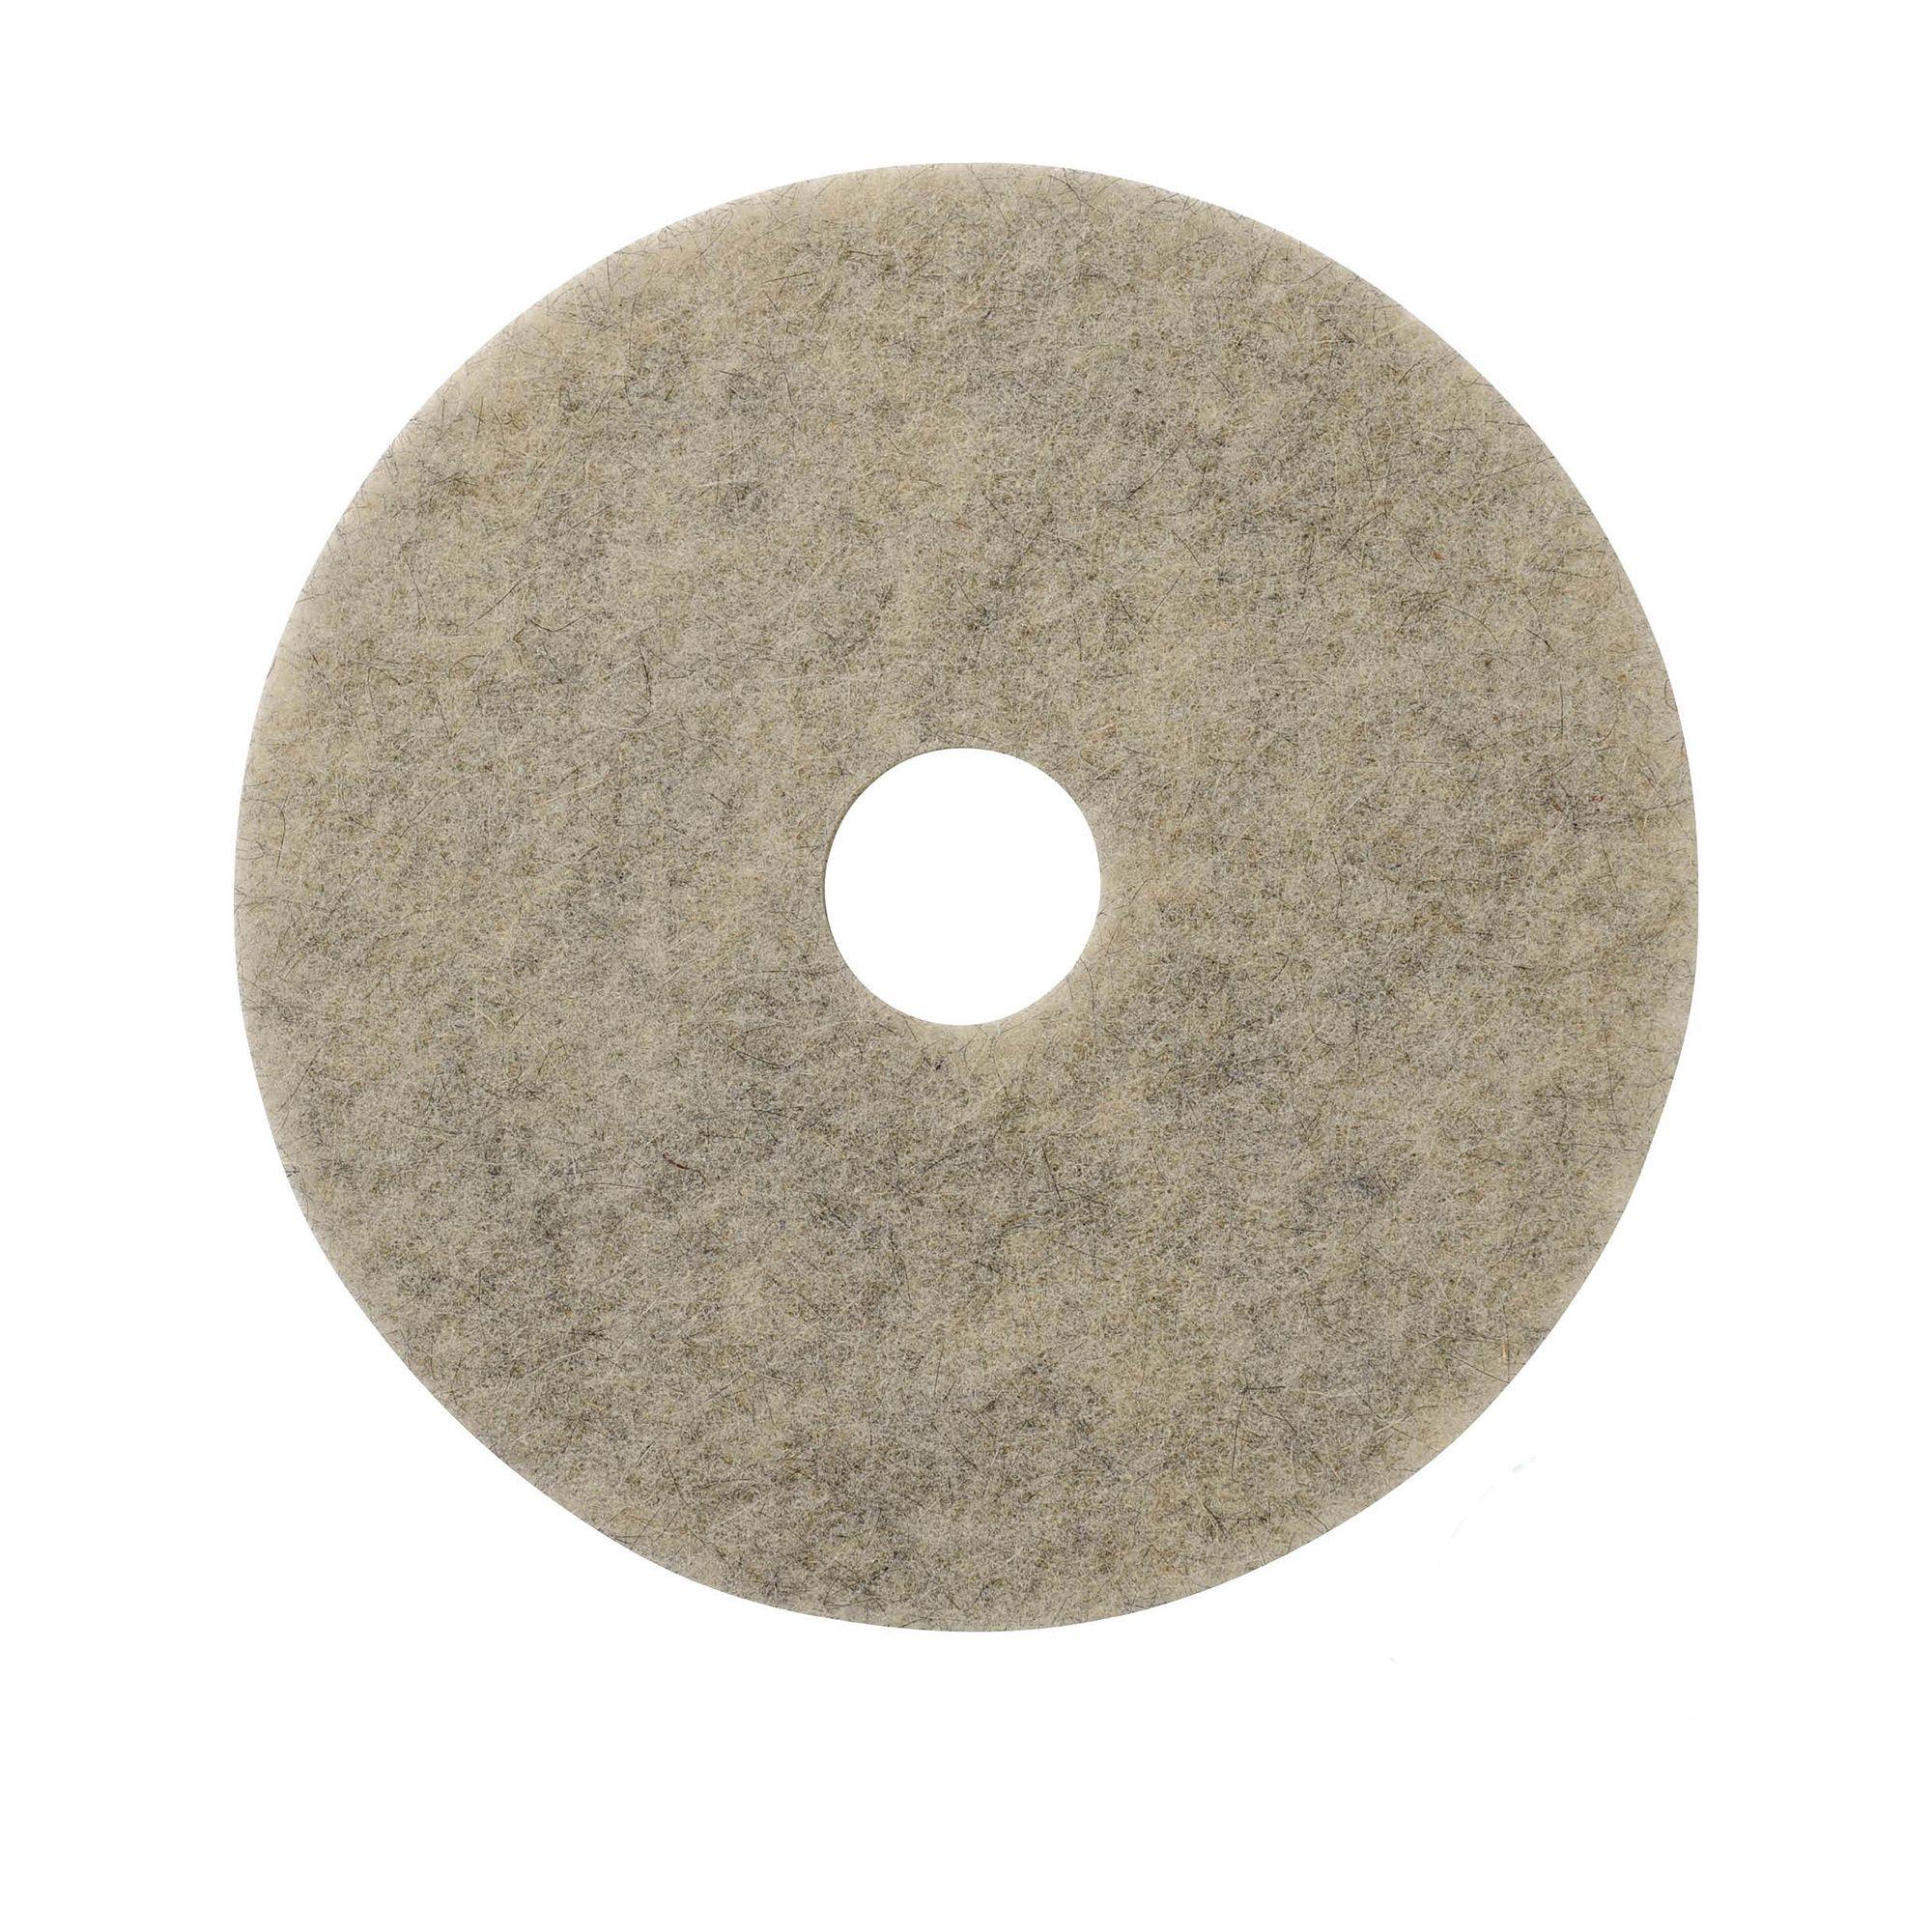 NuPad grijs (polijsten), per 5 stuks, 20 inch / 508 mm